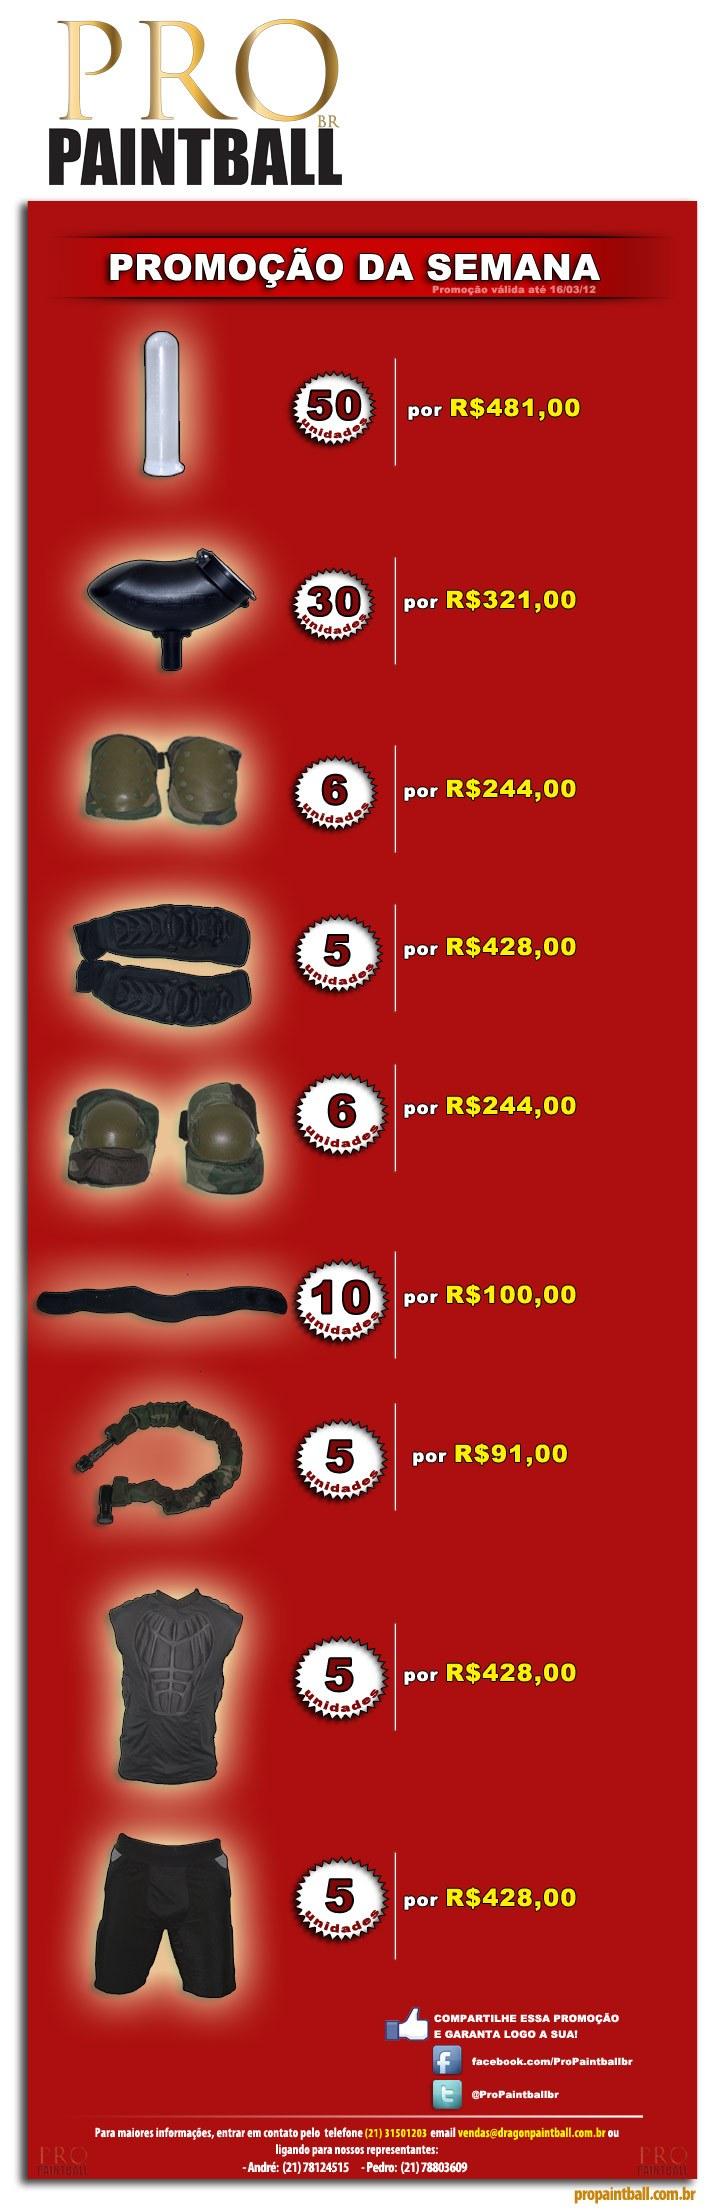 PROMOÇÃO DA SEMANA - PRO PAINTBALL - ATUALIZADO 17/09/12 Newspromo_allprodutos